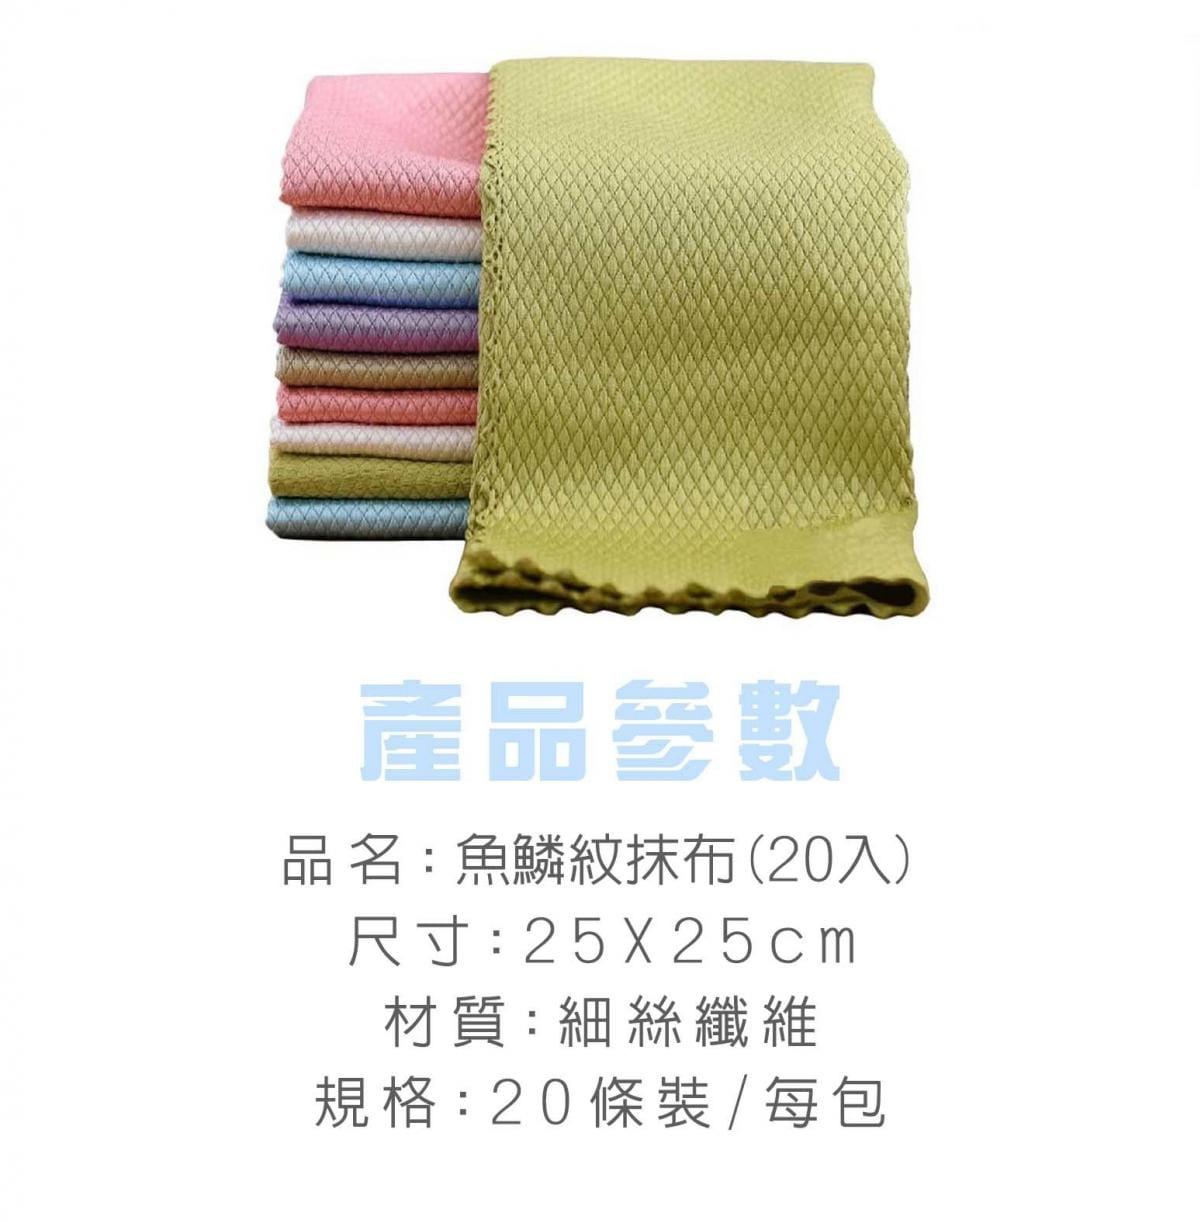 魚鱗紋抹布(20入) 7